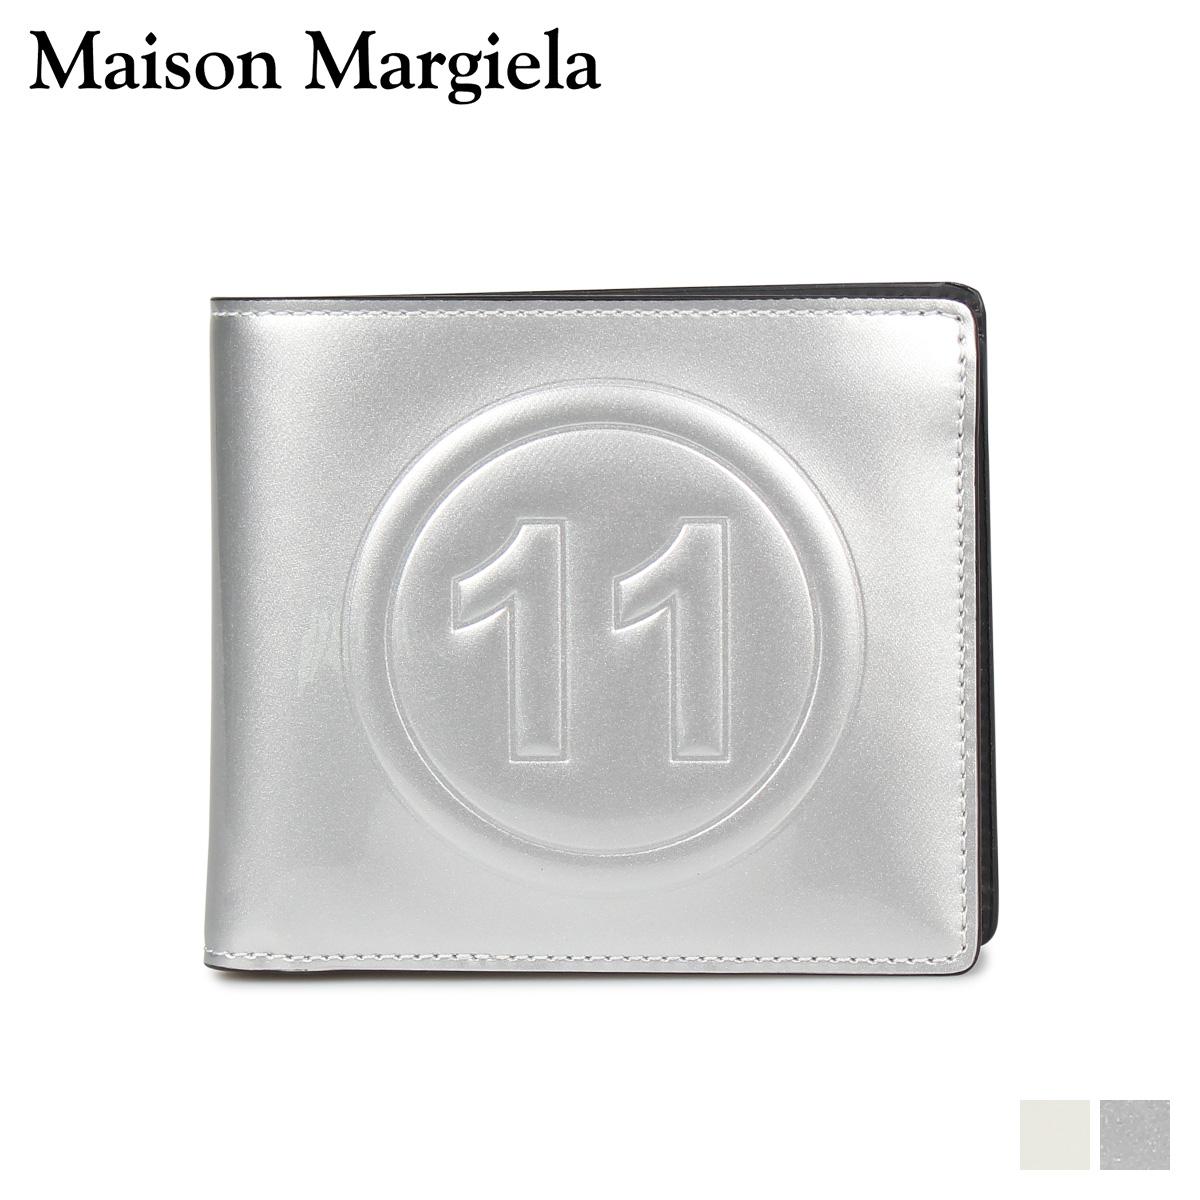 MAISON MARGIELA BI-FOLD WALLET メゾンマルジェラ 財布 二つ折り メンズ レディース レザー ホワイト シルバー 白 S35UI0435 PR213